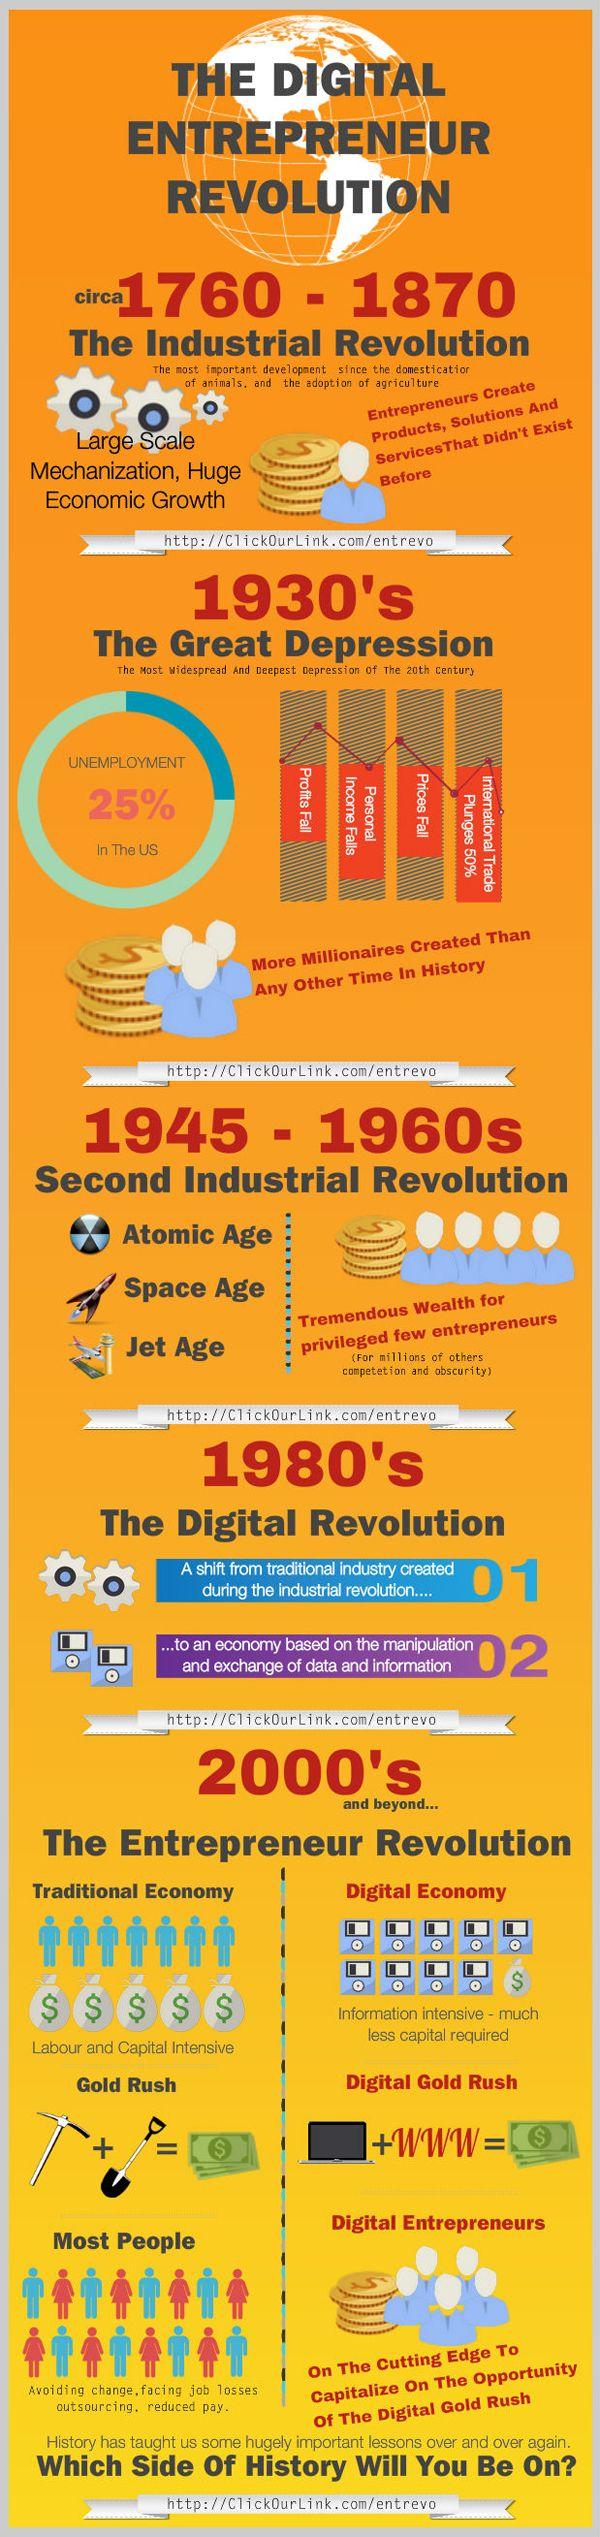 The Digital Entrepreneur Revolution